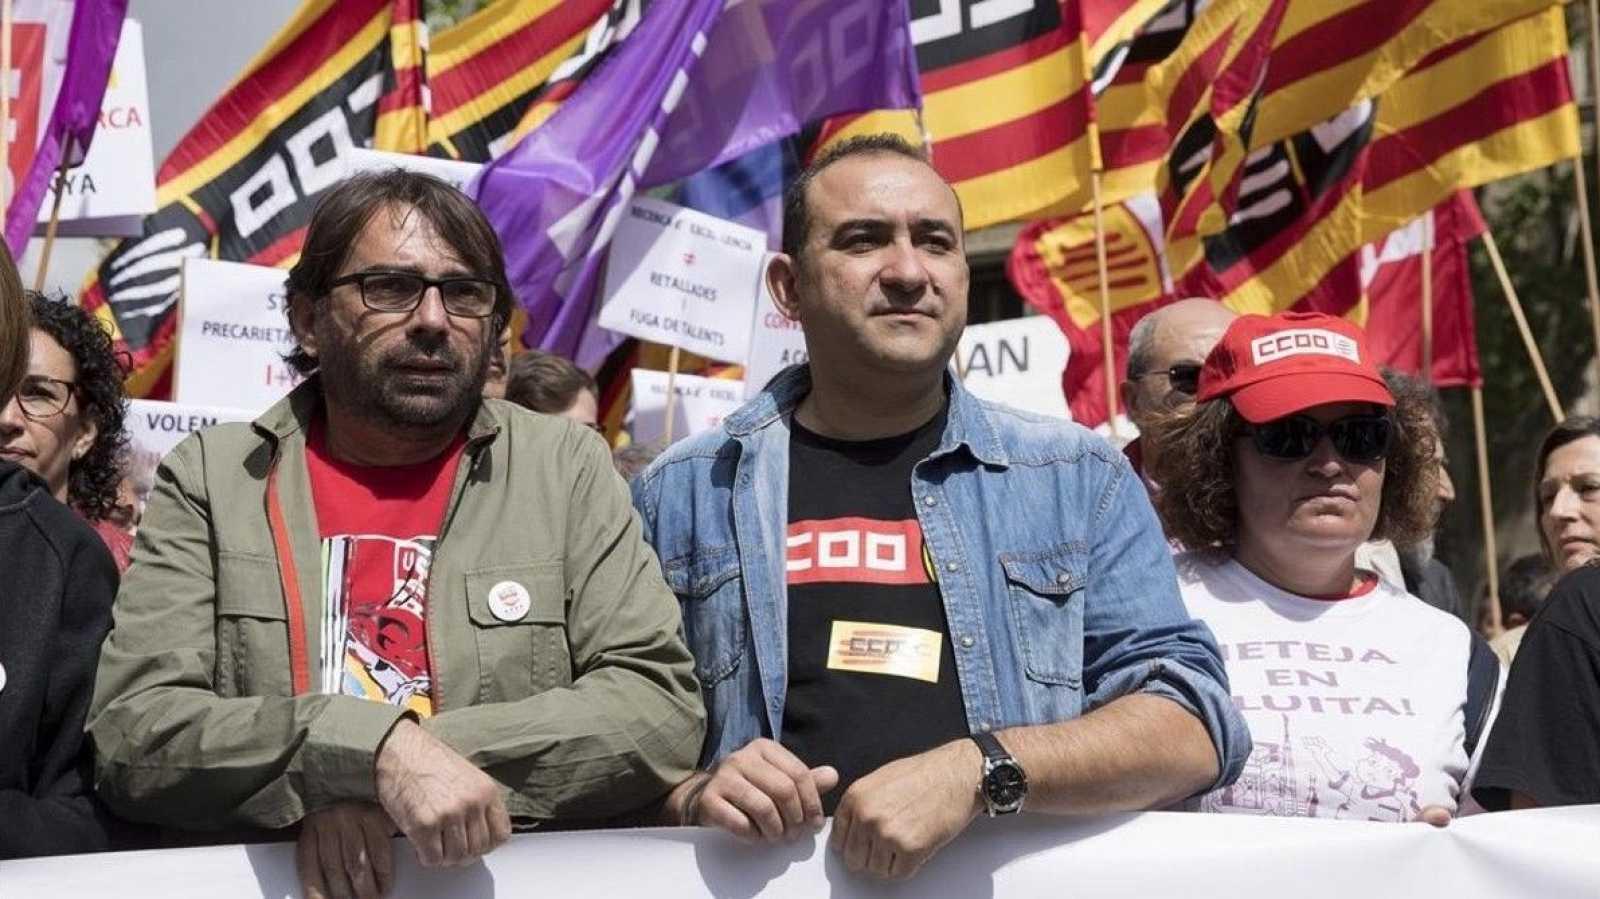 Els sindicats reclamen la formació d'un Govern el més aviat possible